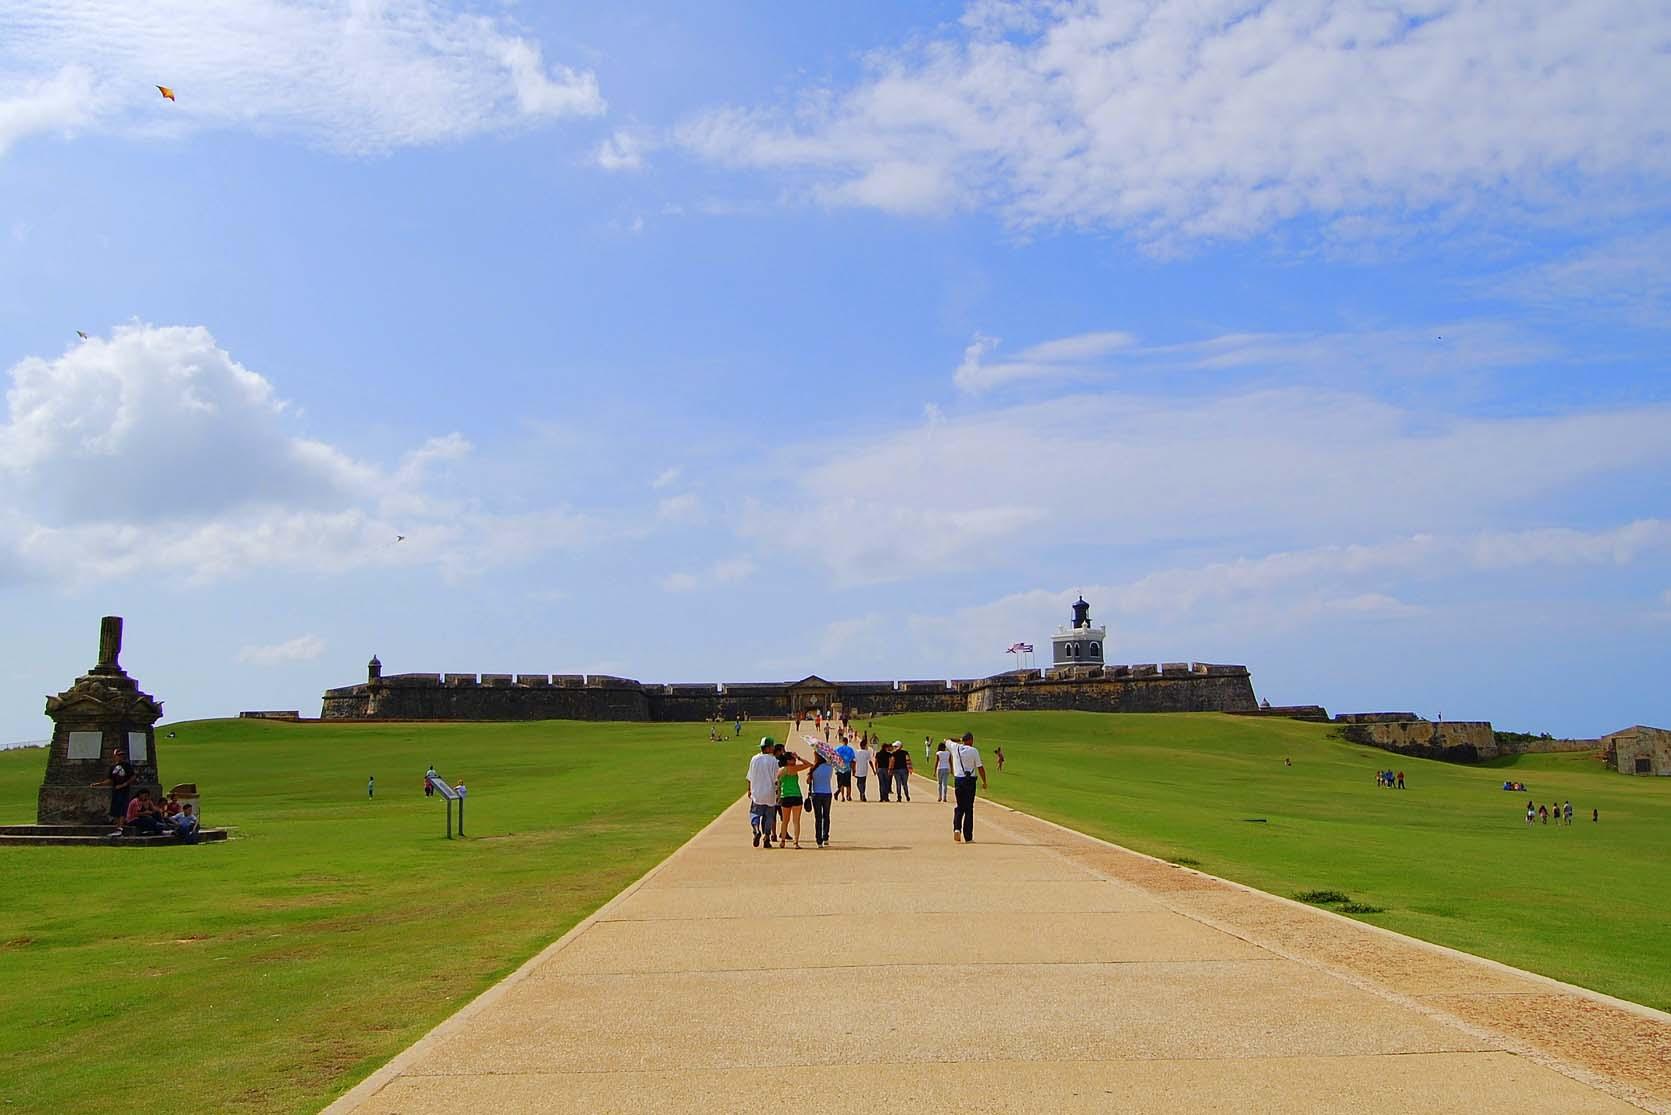 El Morro - Entrance